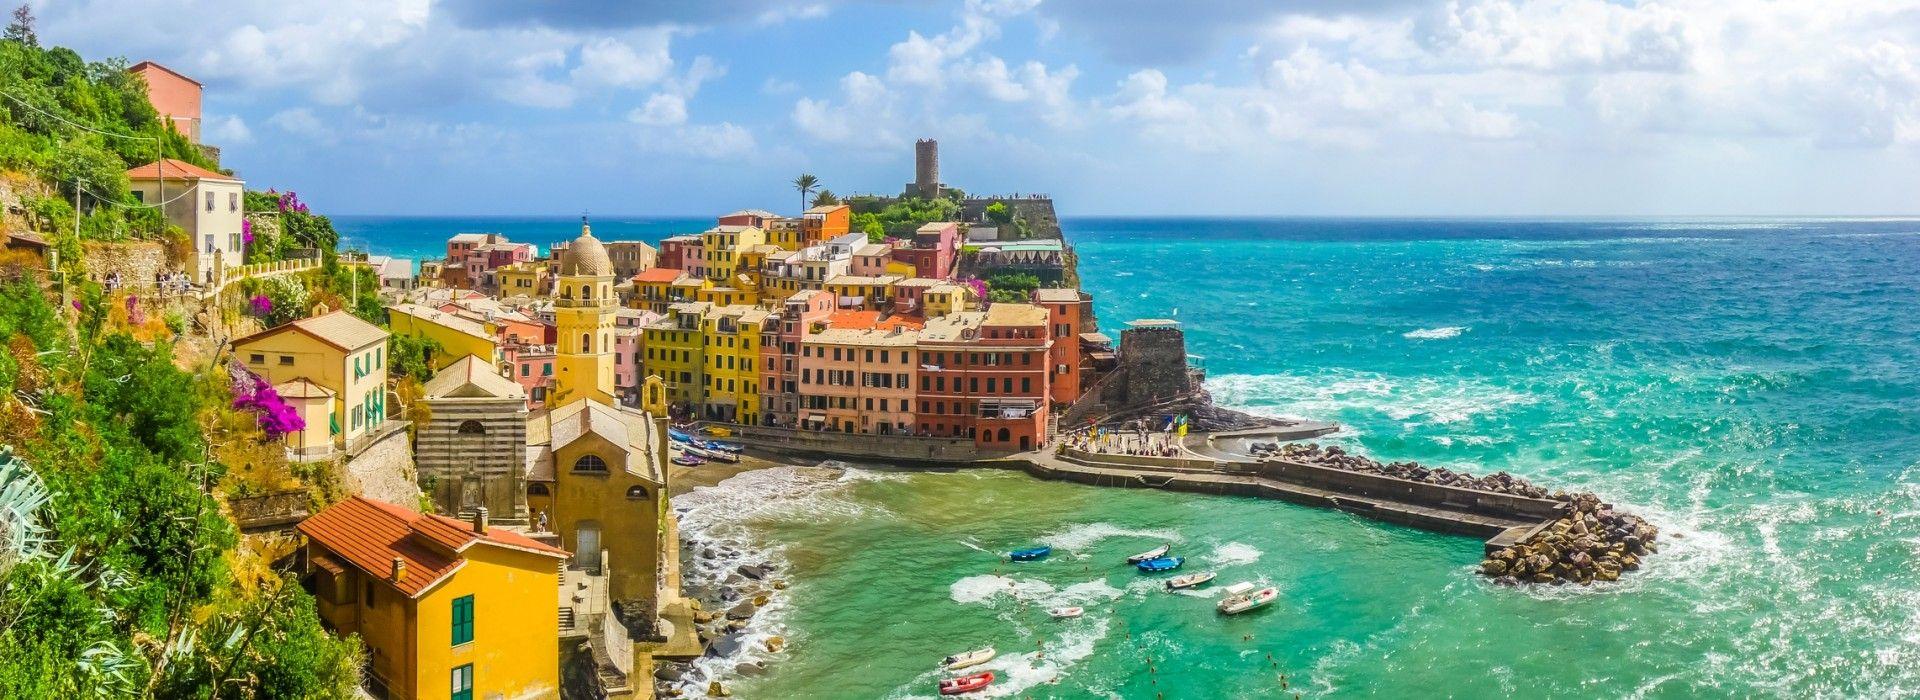 Food tours in Amalfi Coast & Campania